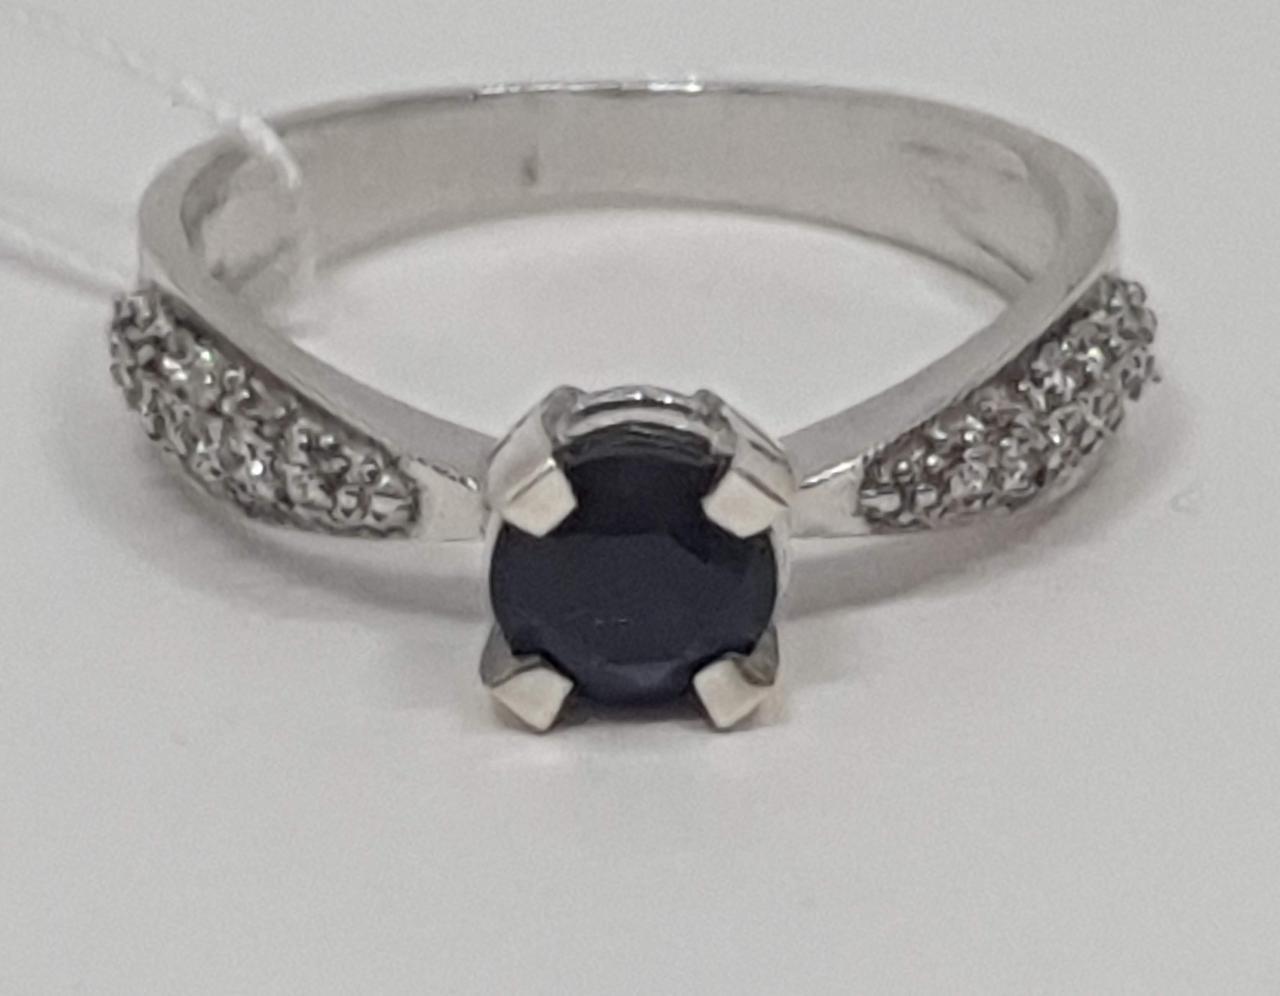 Серебряное кольцо Анни с сапфиром. Артикул 1685/9Р-SPH 16